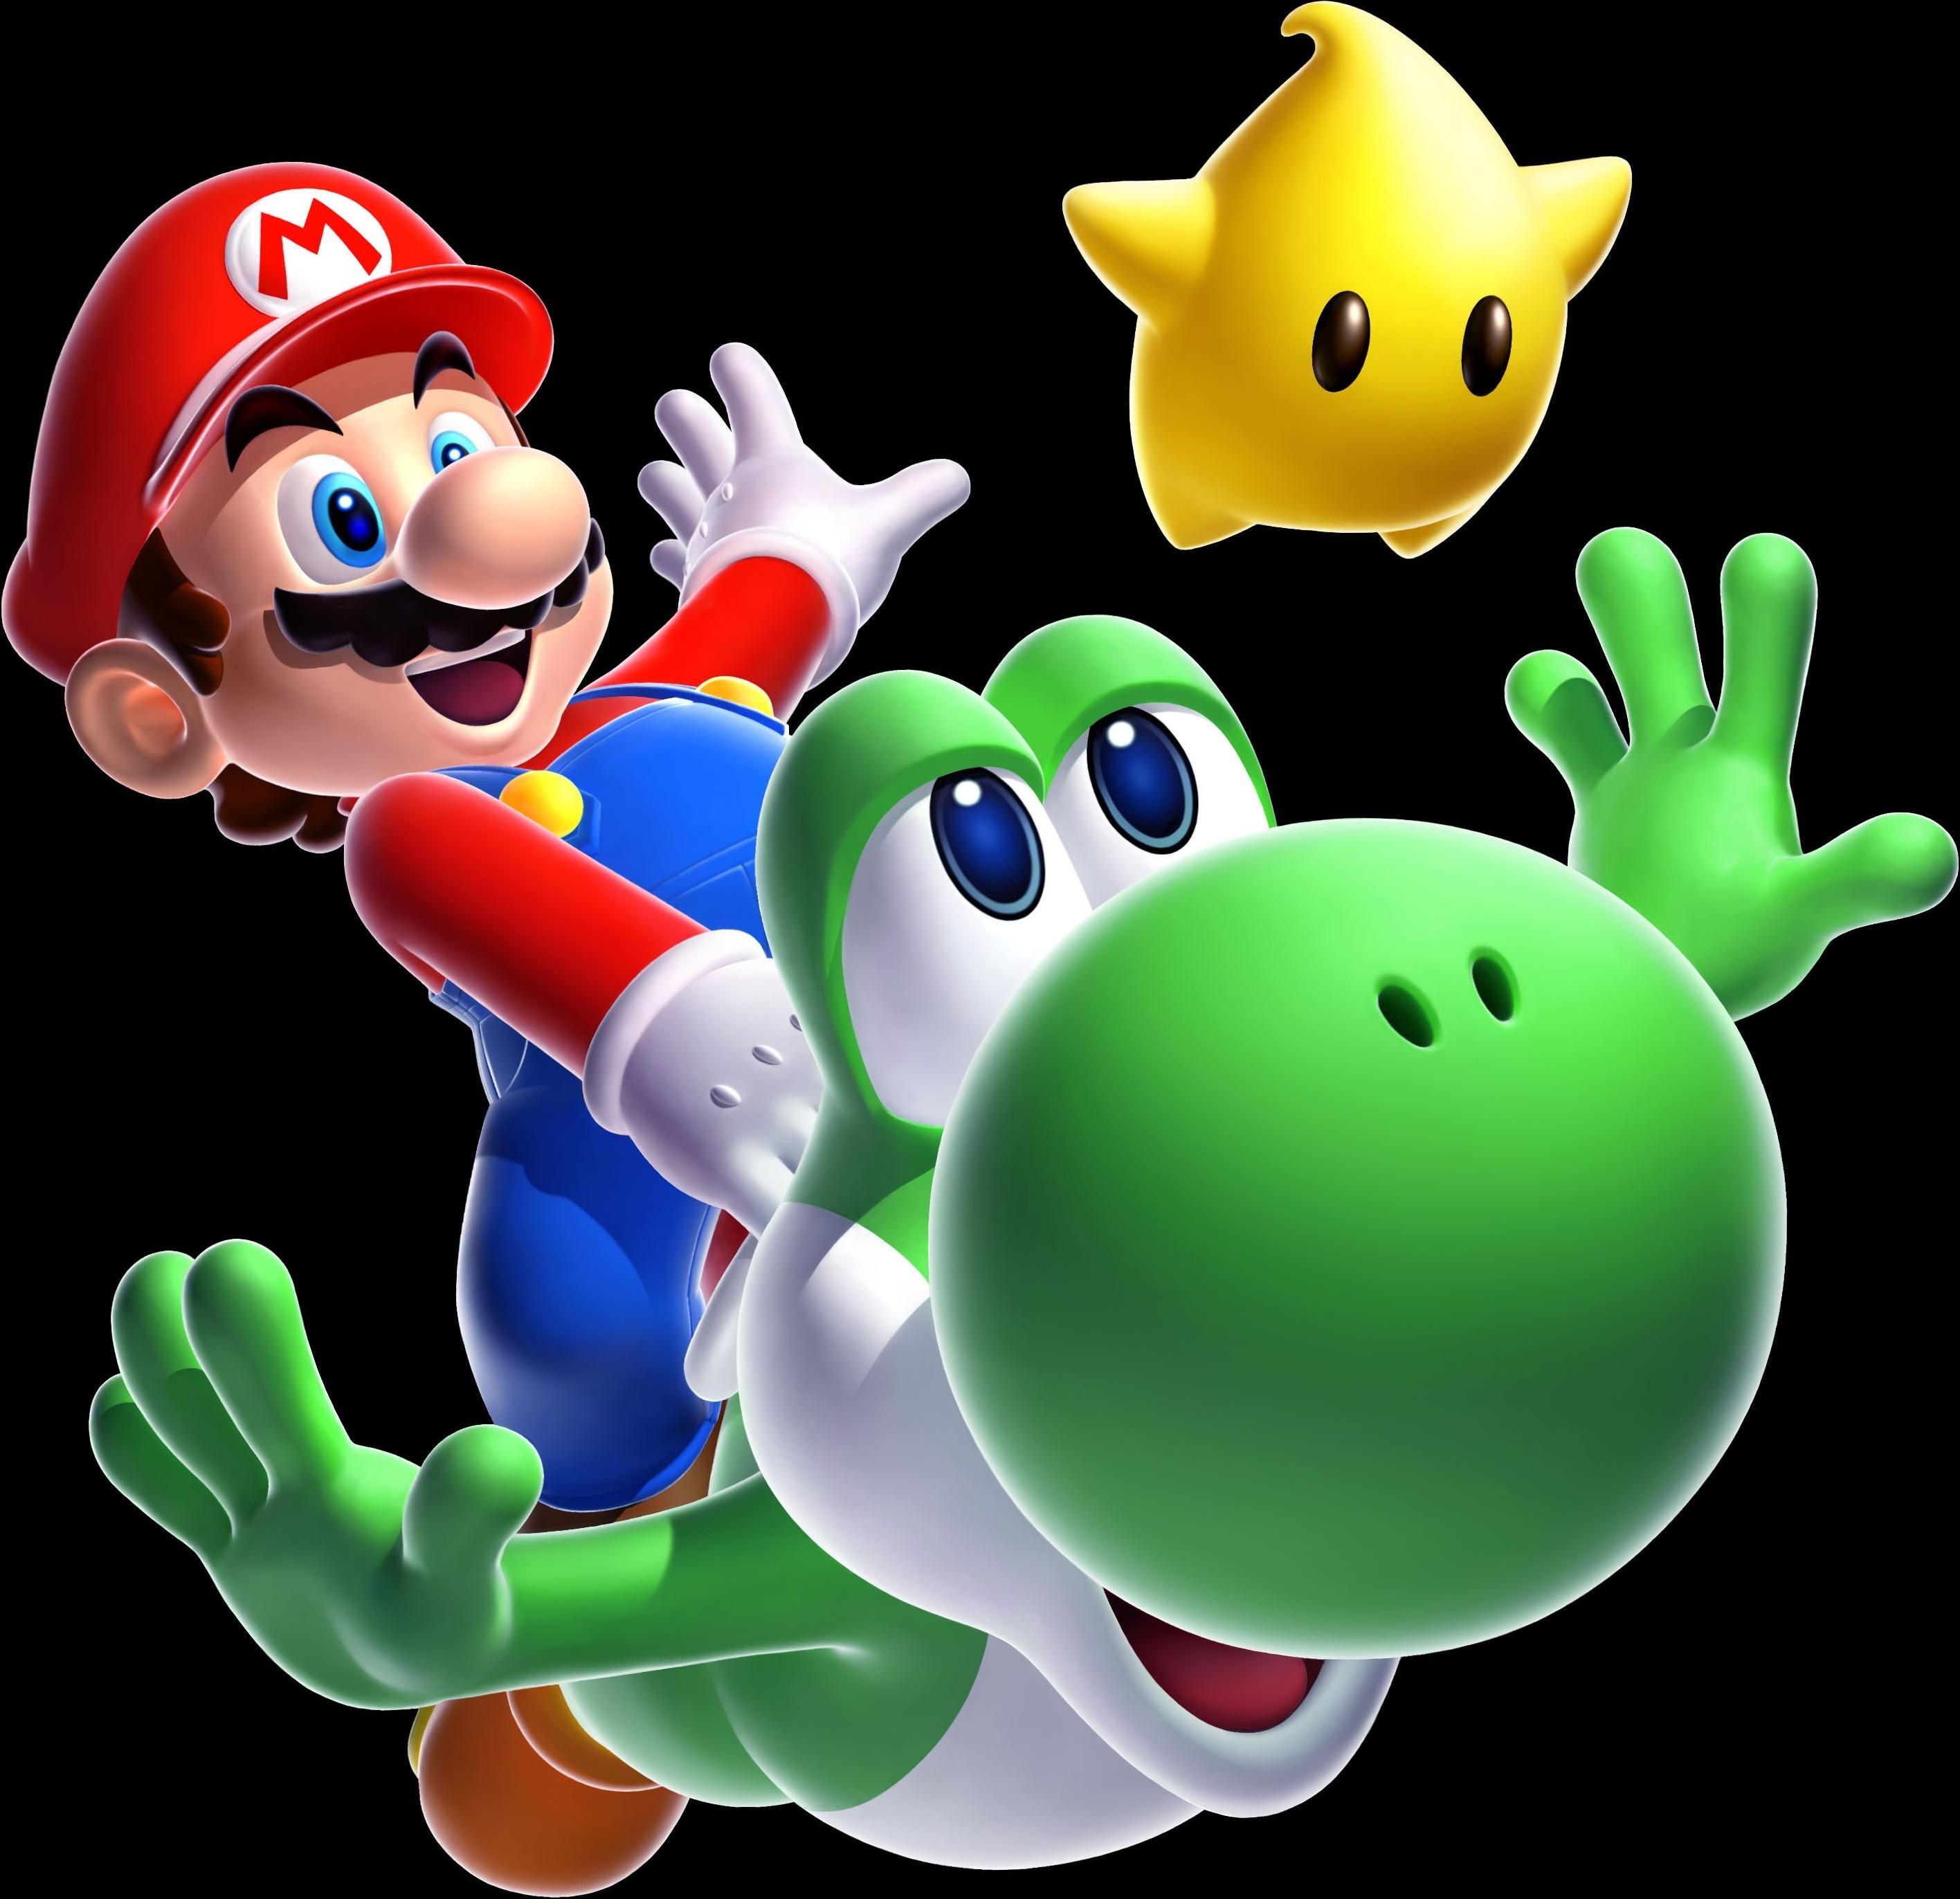 Super Mario Galaxy 2 Mario